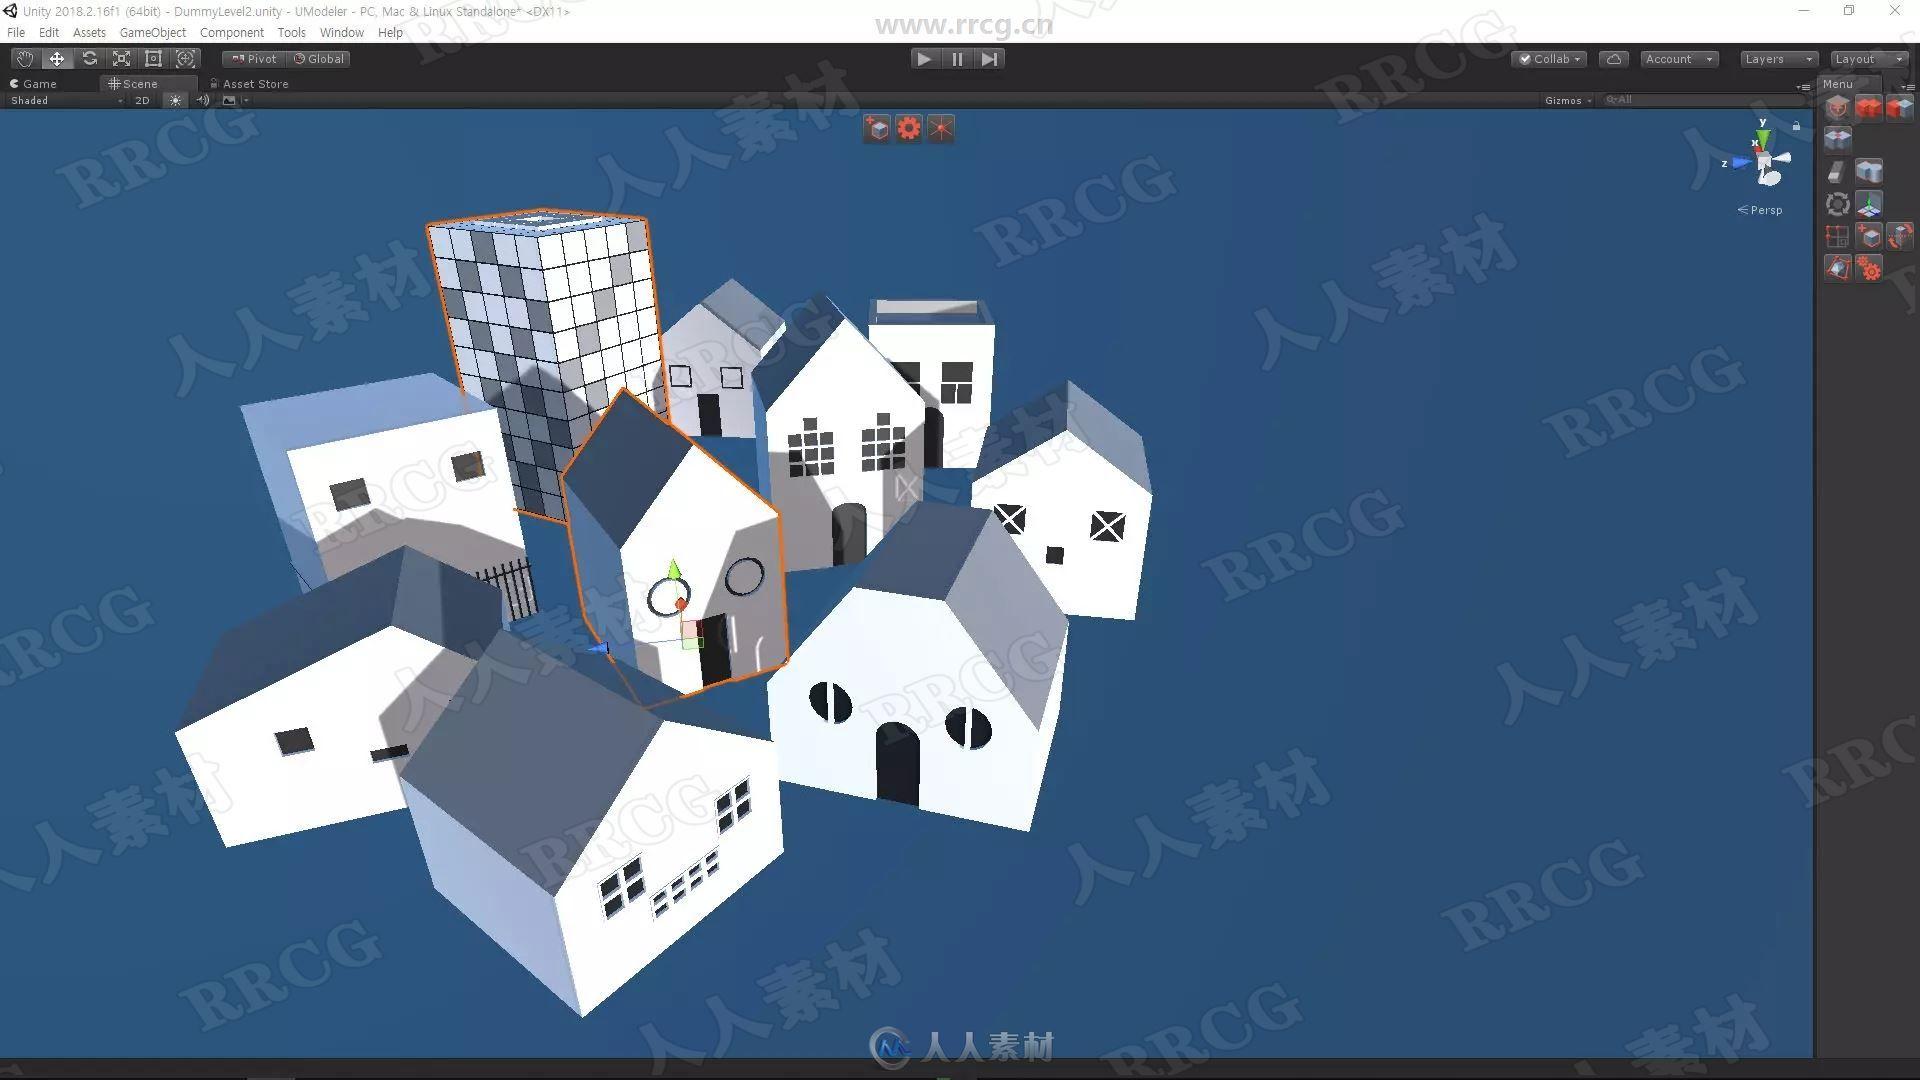 UModeler游戏建模工具Unity游戏素材资源